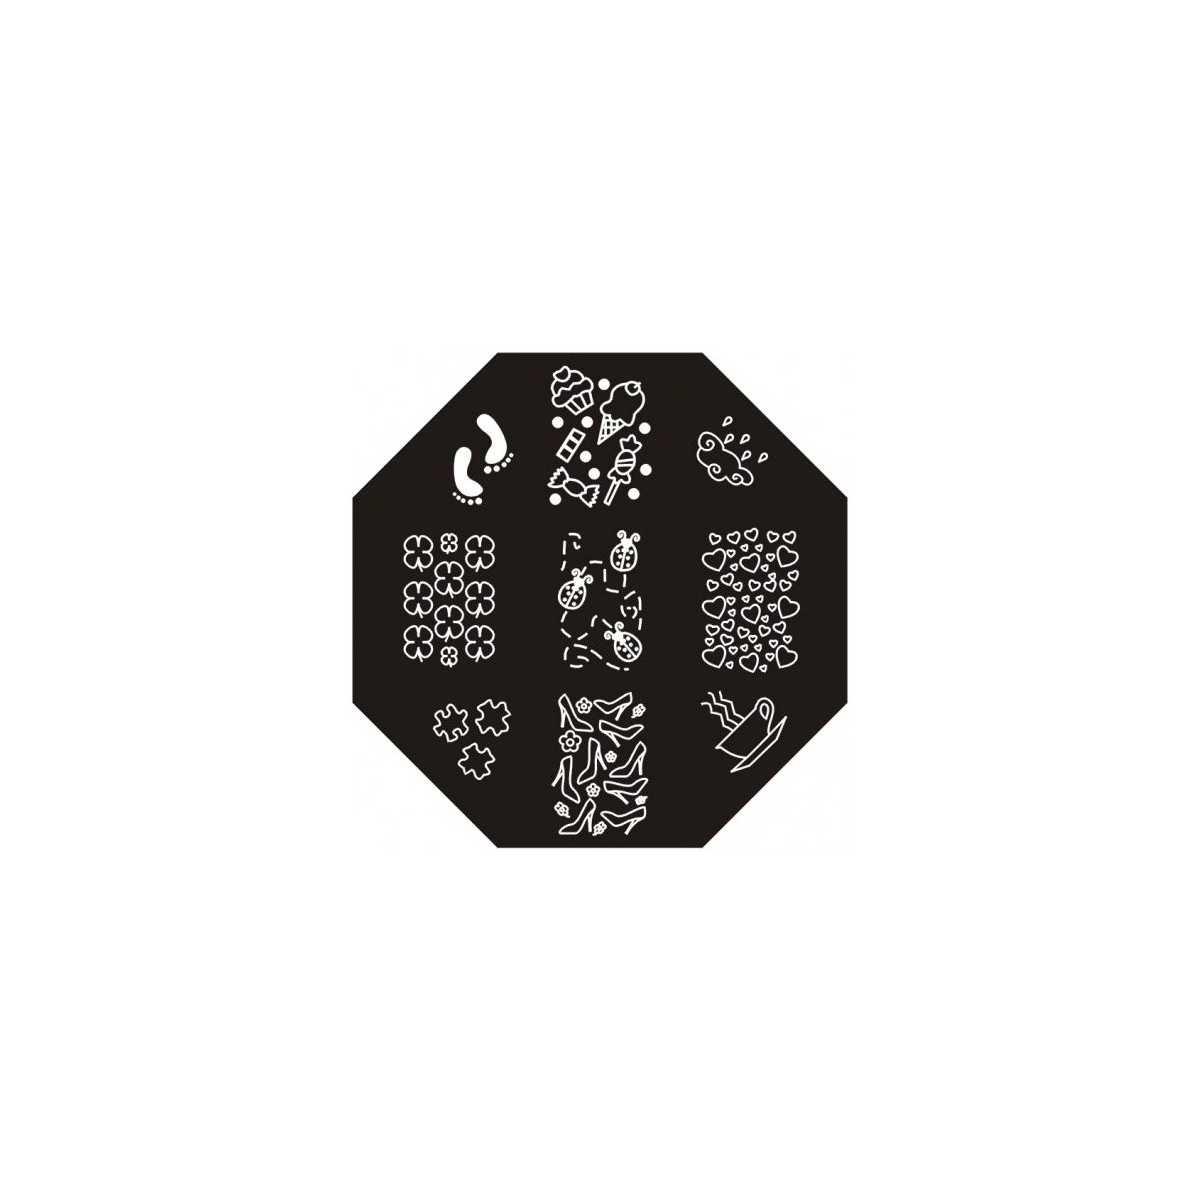 https://www.kit-manucure.com/850-thickbox_default/plaque-de-stamping-trèfles-coccinelles-nuage-et-traces-de-pieds-.jpg